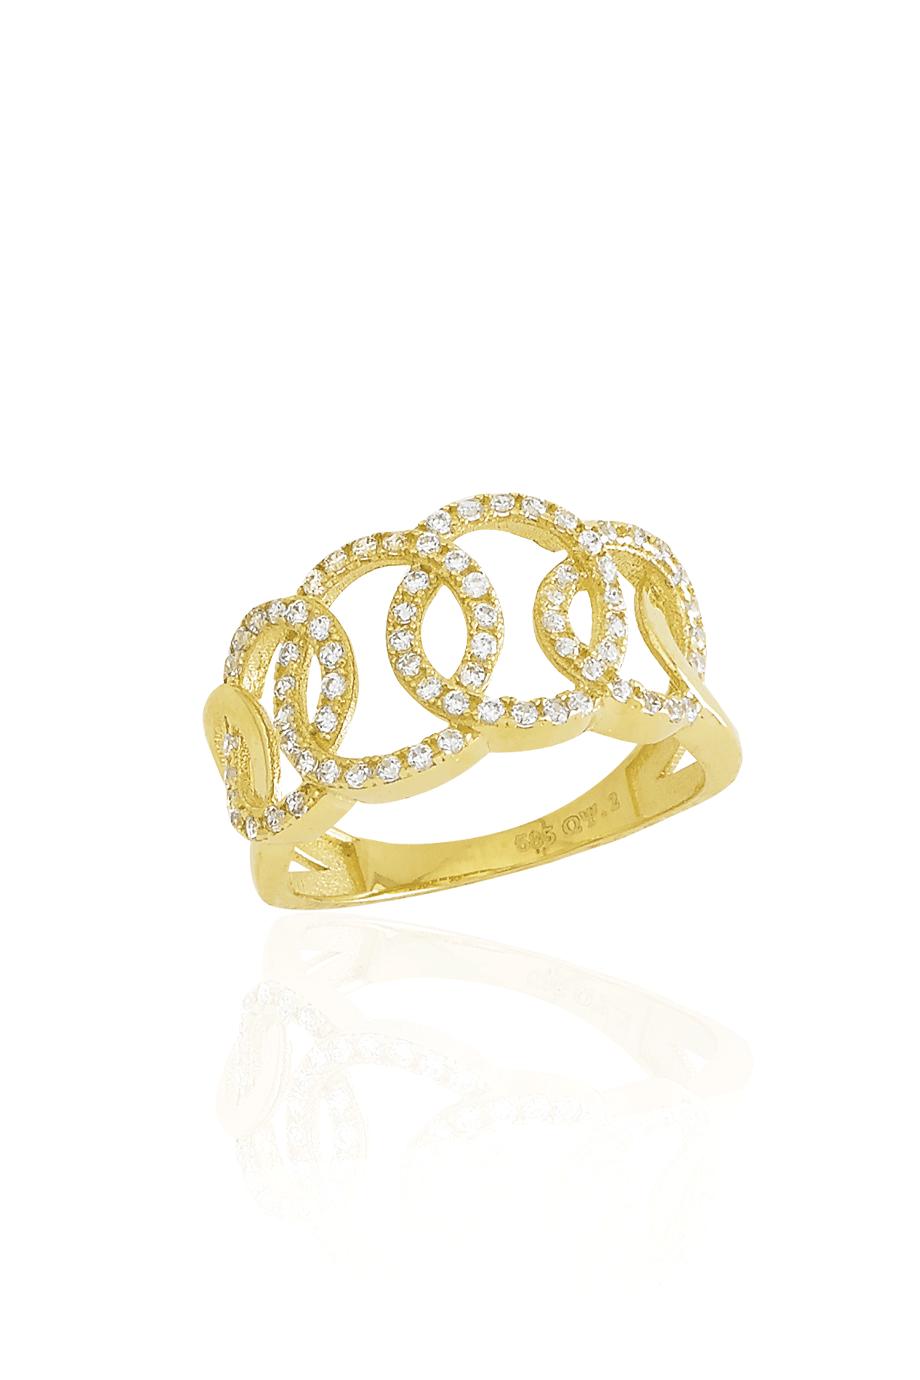 Δαχτυλίδι Χρυσό Chic Lady